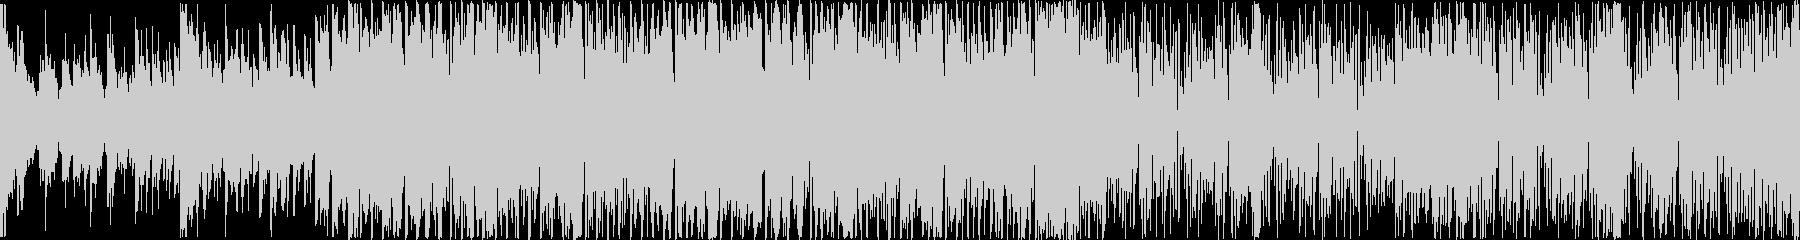 和楽器をフィーチャーしたEDM:ループAの未再生の波形